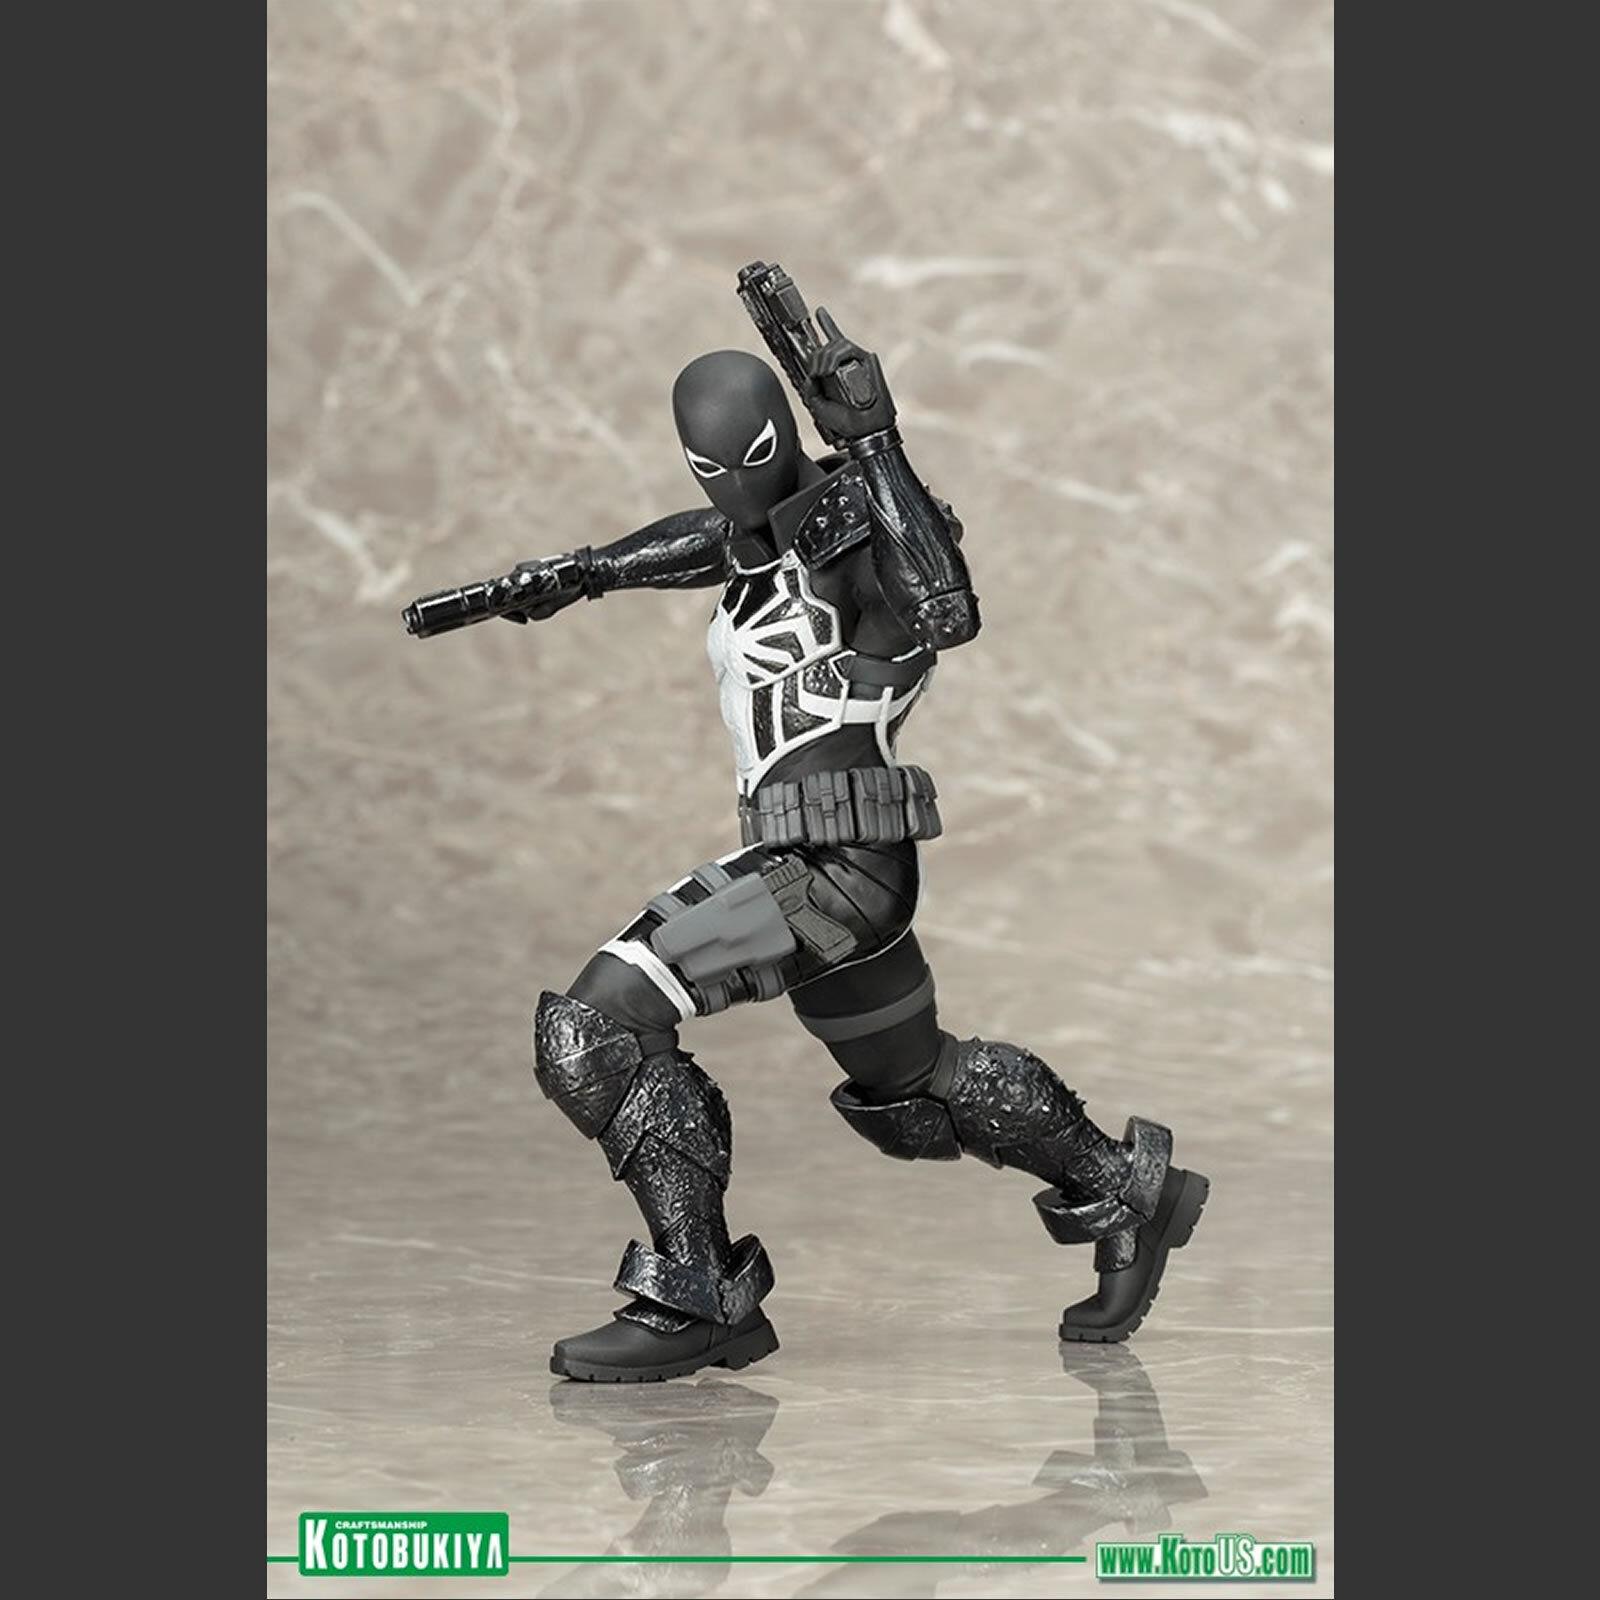 KOTOBUKIYA - SPIDER-uomo AGENT VENOM - MARVEL NOW  ARTFX+ ARTFX+ ARTFX+ STATUE - BNIB  747517